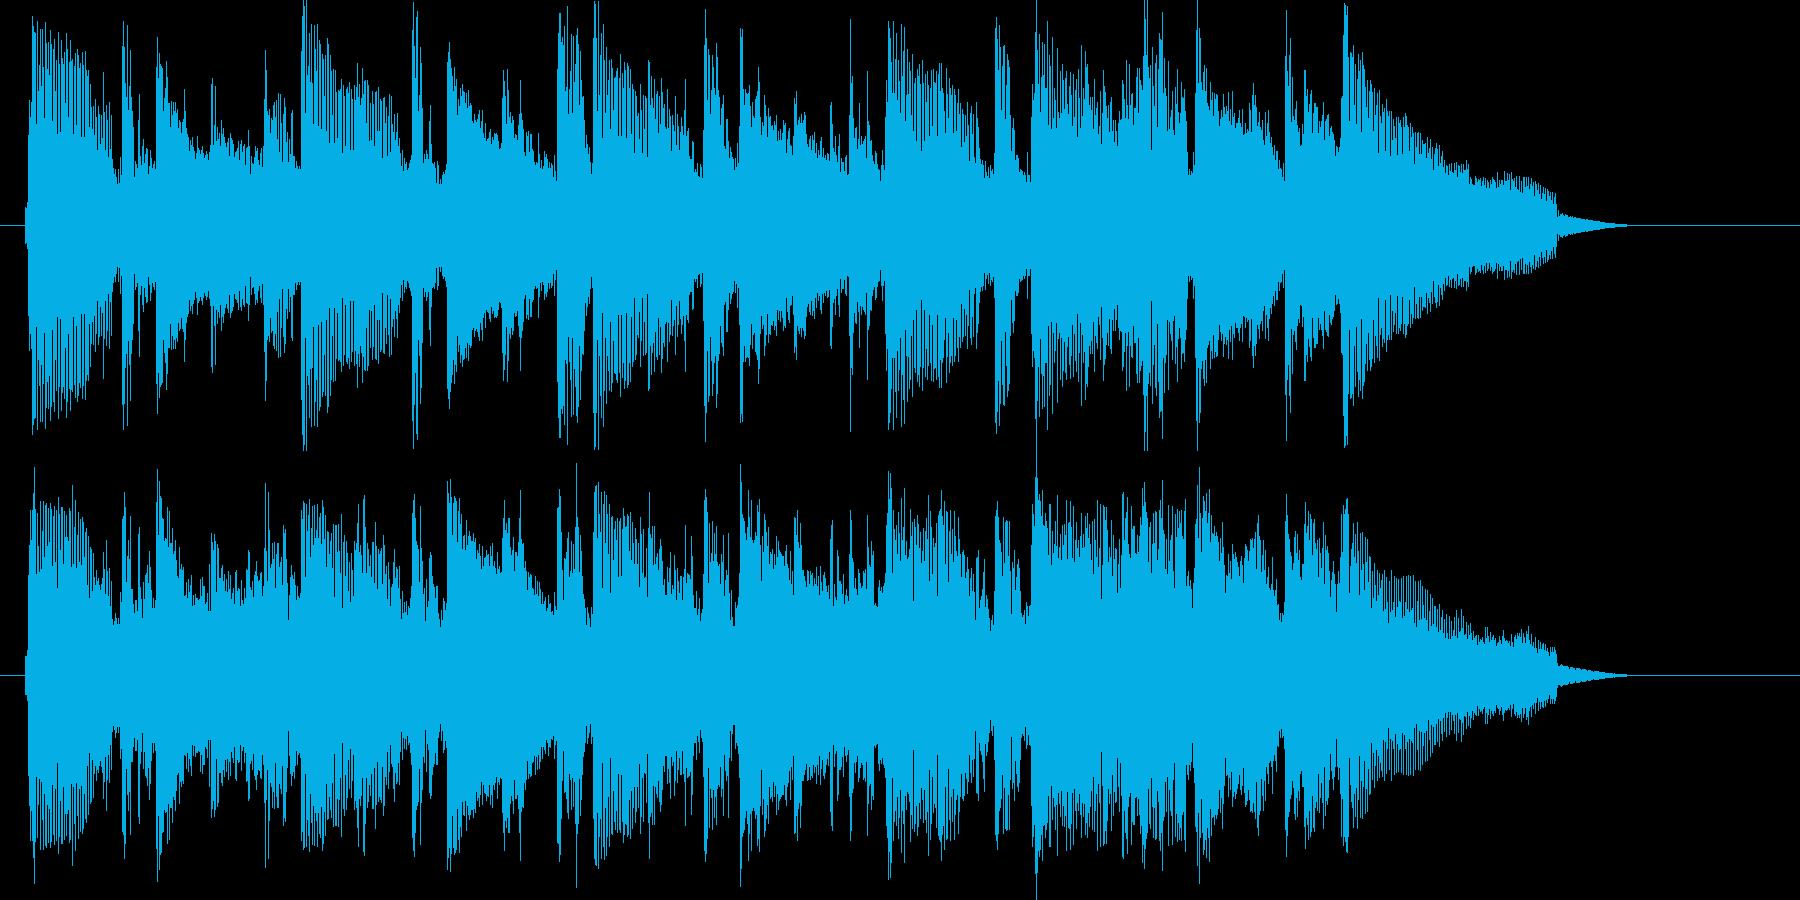 明るいキラキラした短いシンセサイザーの曲の再生済みの波形